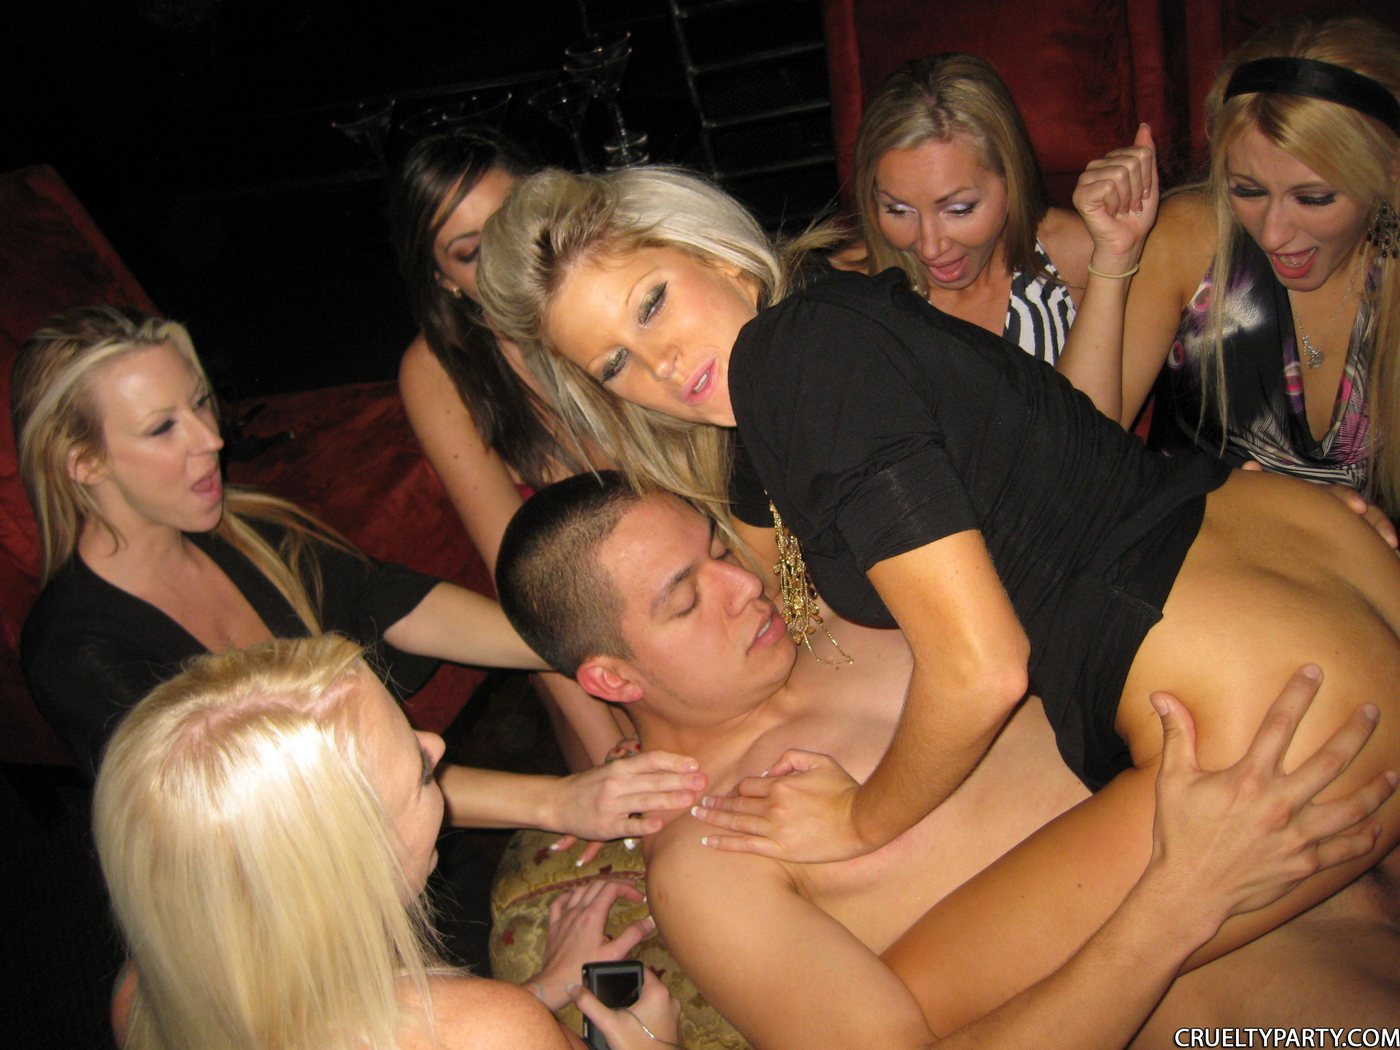 наверное девишник вечеринки фото голыми тевтонский